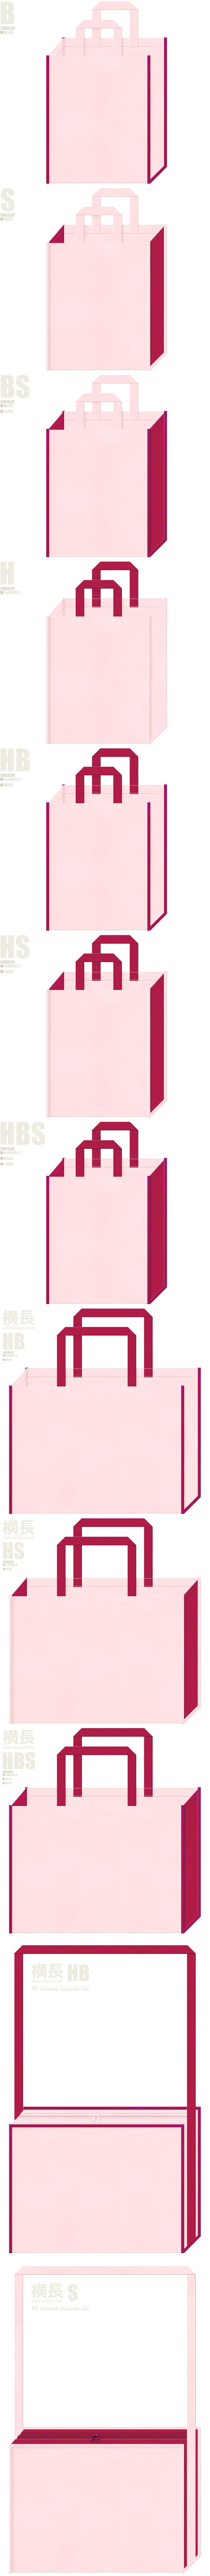 医療・入園・入学・七五三・ひな祭り・母の日・和風催事・いちご・桜・花束・マーメイド・プリティー・ピエロ・女王様・プリンセス・ガーリーデザインにお奨めの不織布バッグデザイン:桜色と濃いピンク色の配色7パターン。